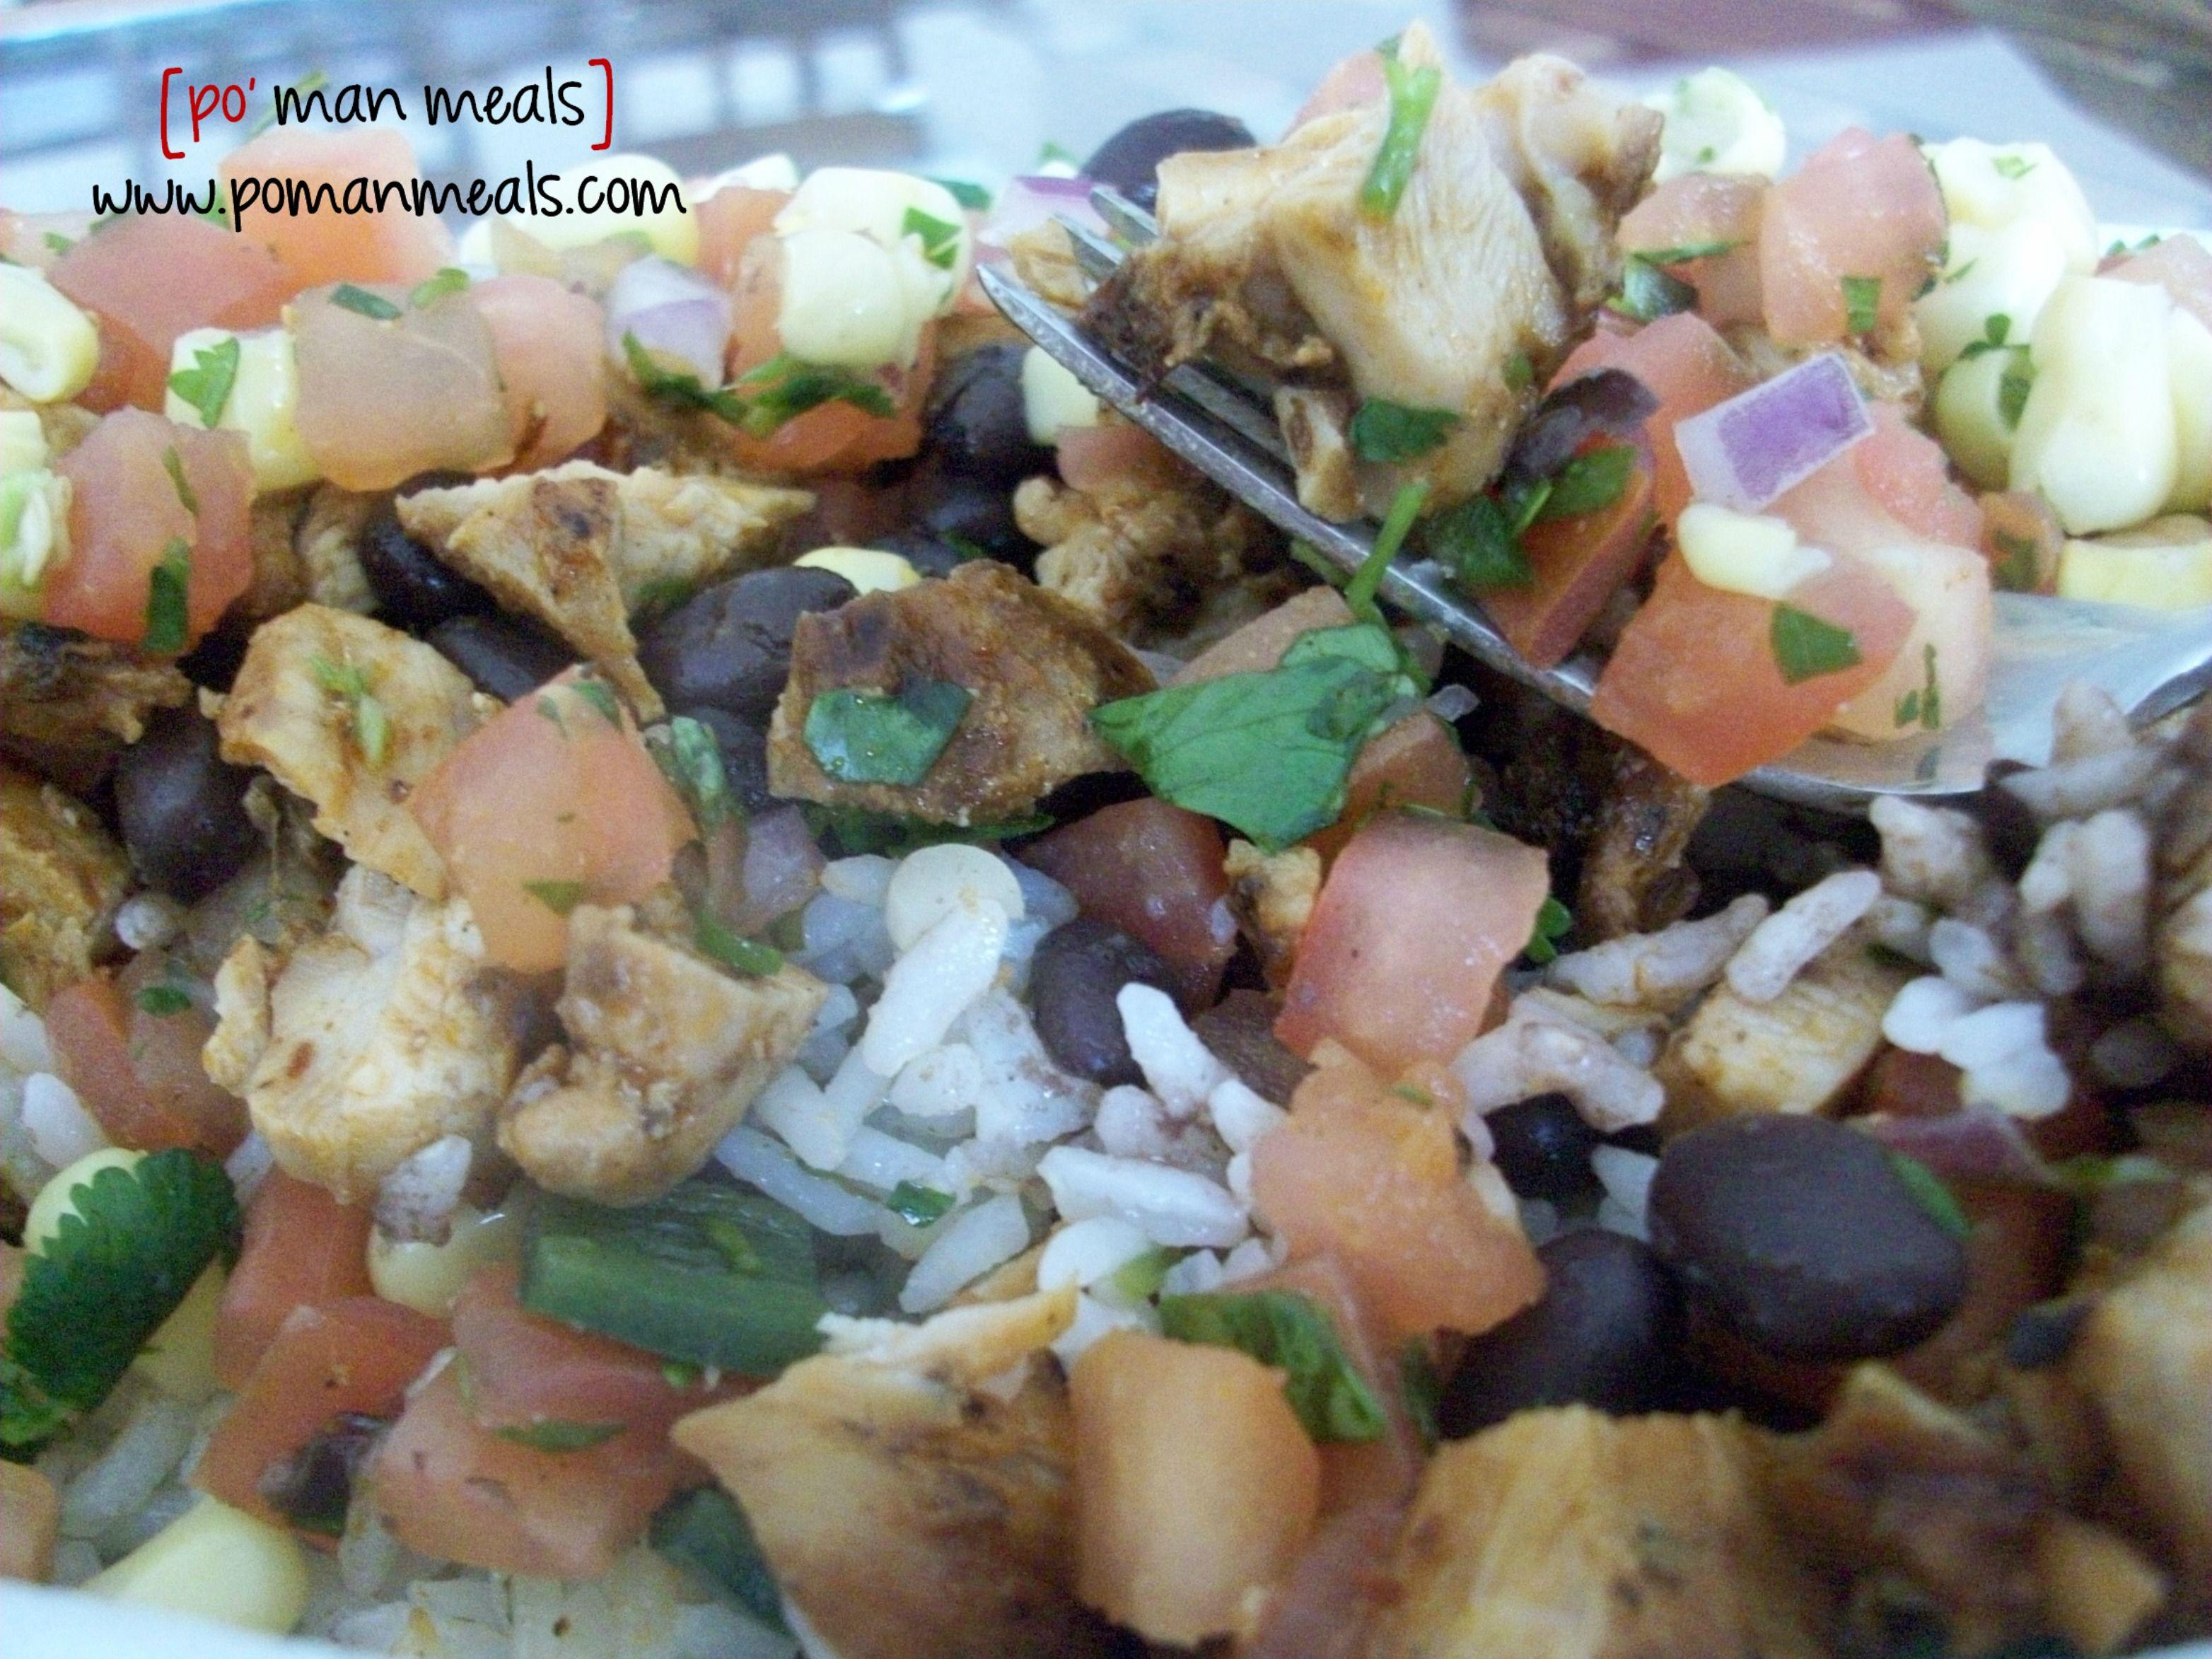 Visit the post for more...Chicken Burrito Bowl...Chipotle cilantro lime rice , tomato salsa, grilled chicken etc.